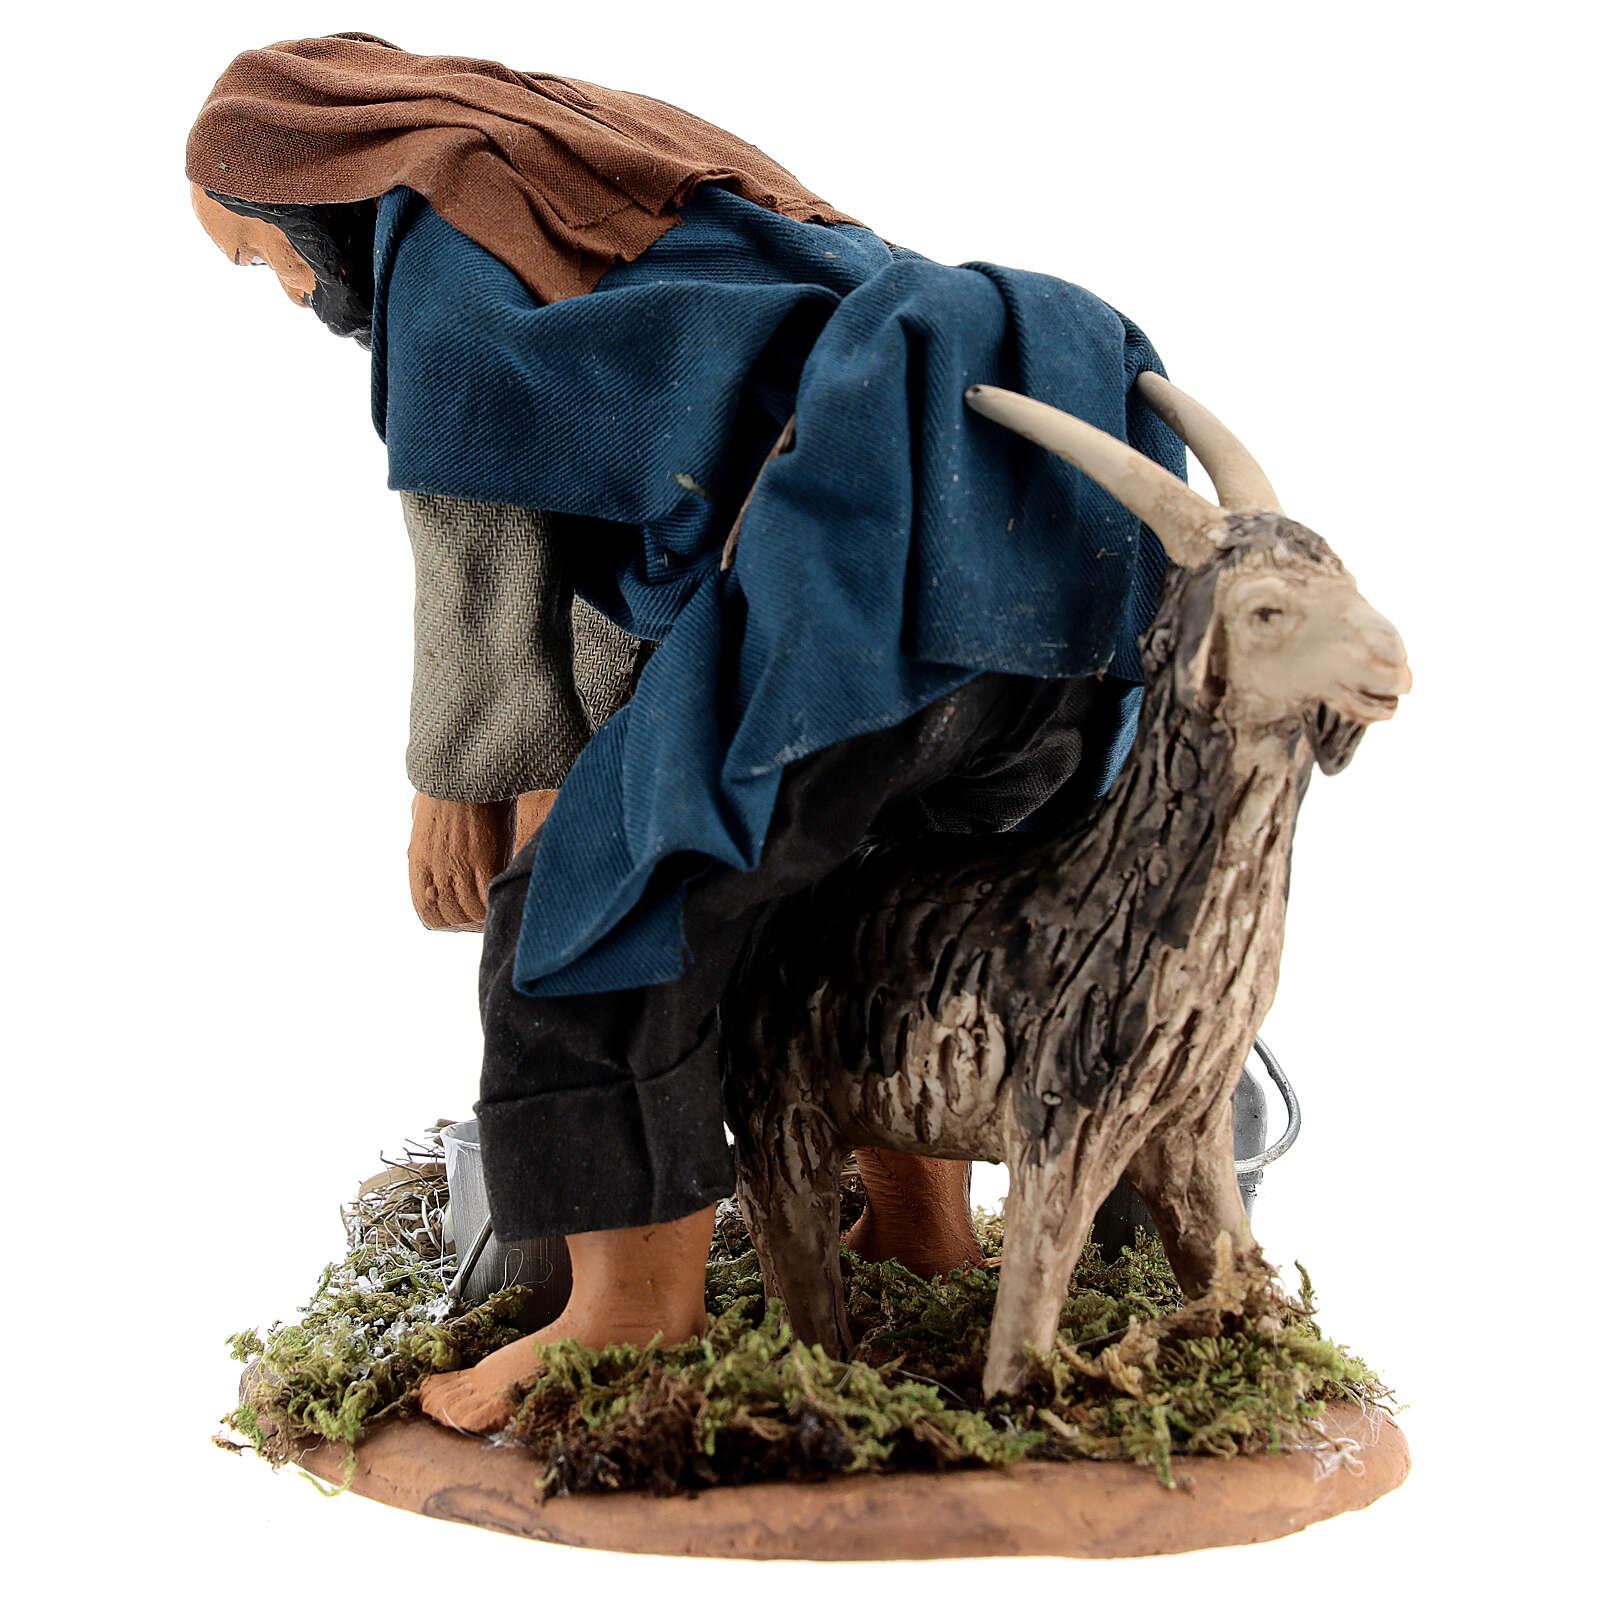 Goat milker 15 cm figurine Neapolitan Nativity Scene 4